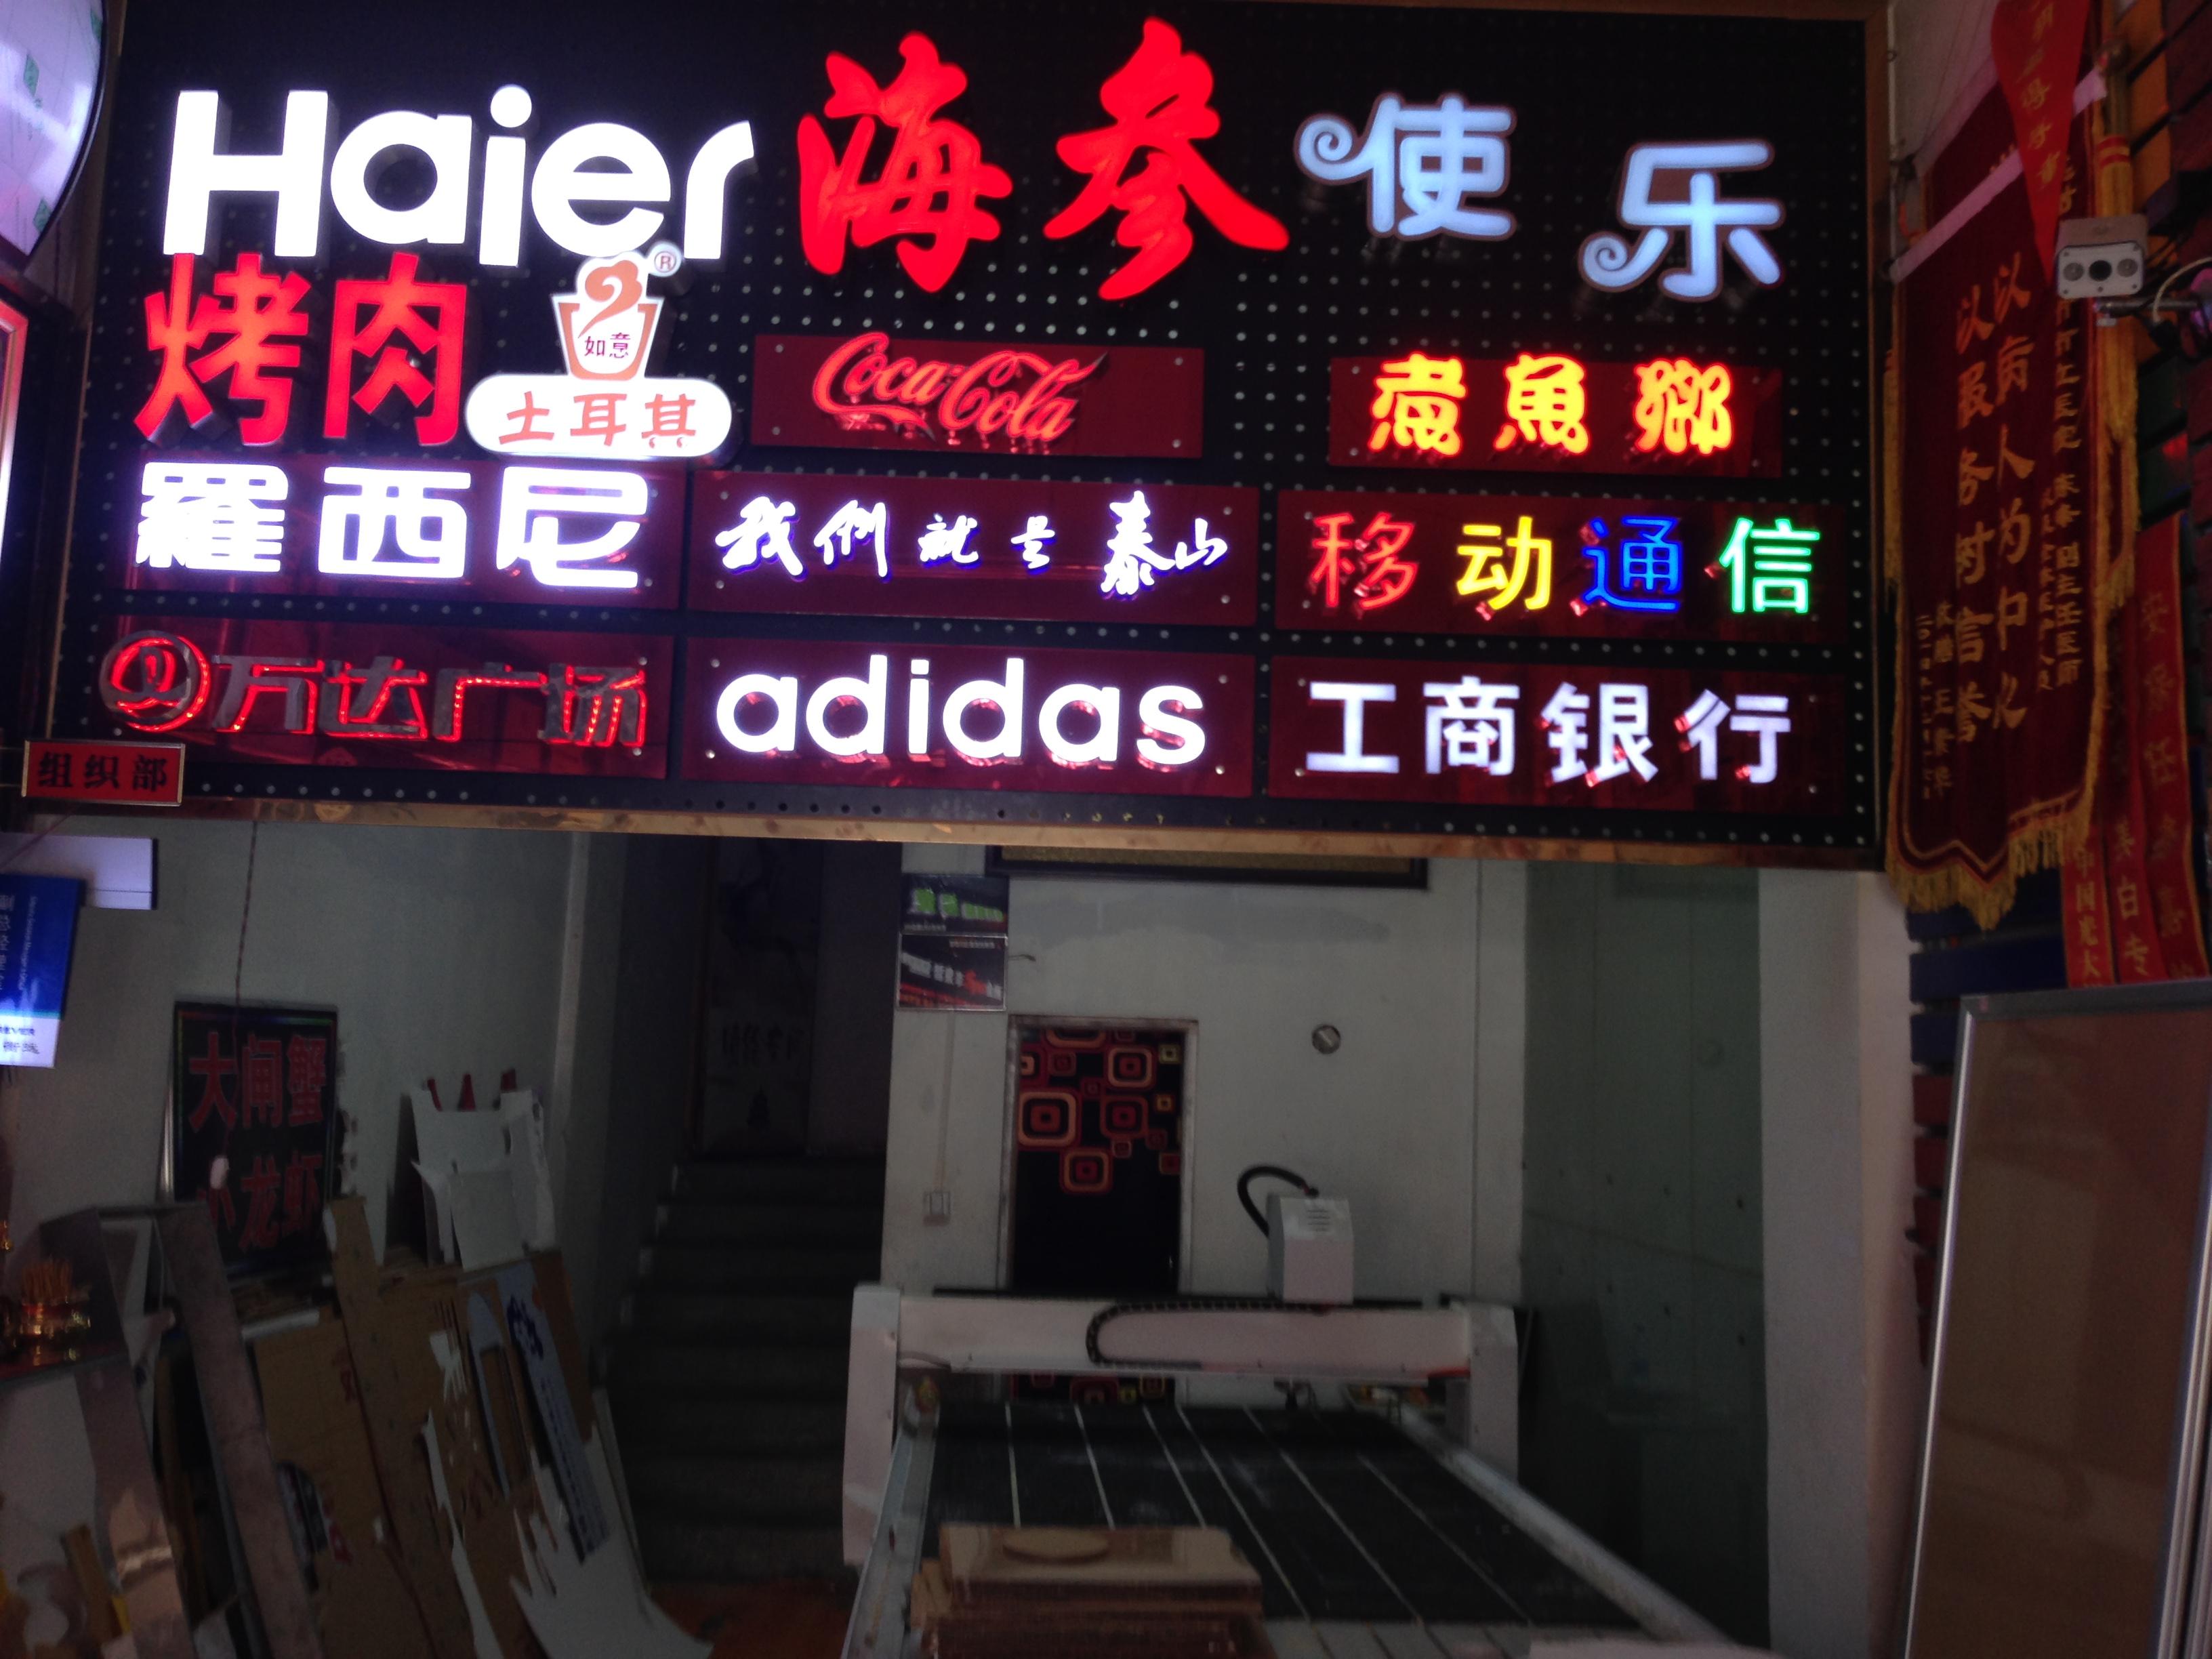 青岛世纪华龙广告招聘平面设计